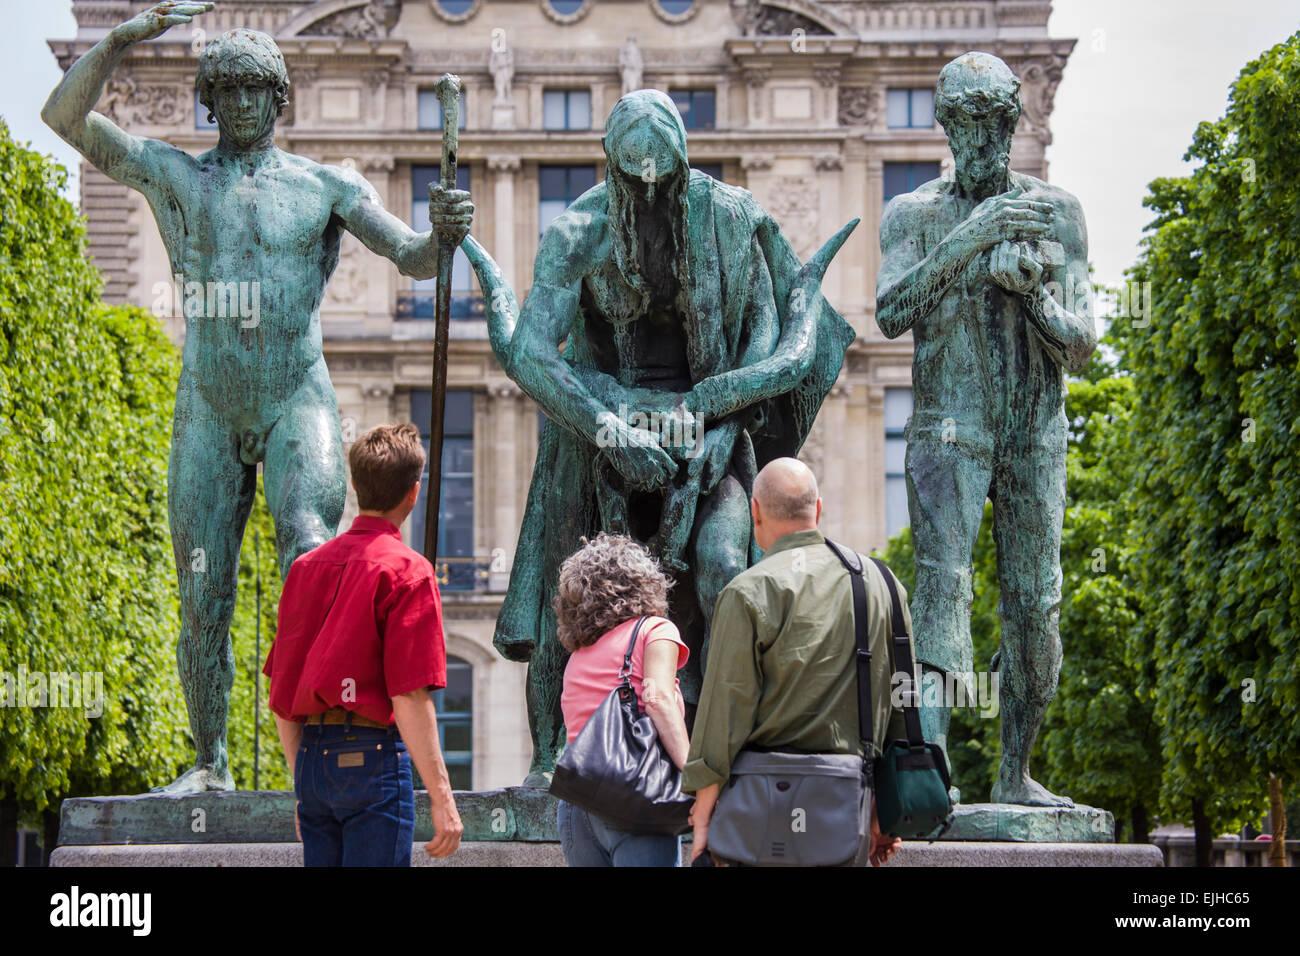 Visitors looking at statues on the Terrasse du Bord de L'eau, Paris, France Stock Photo